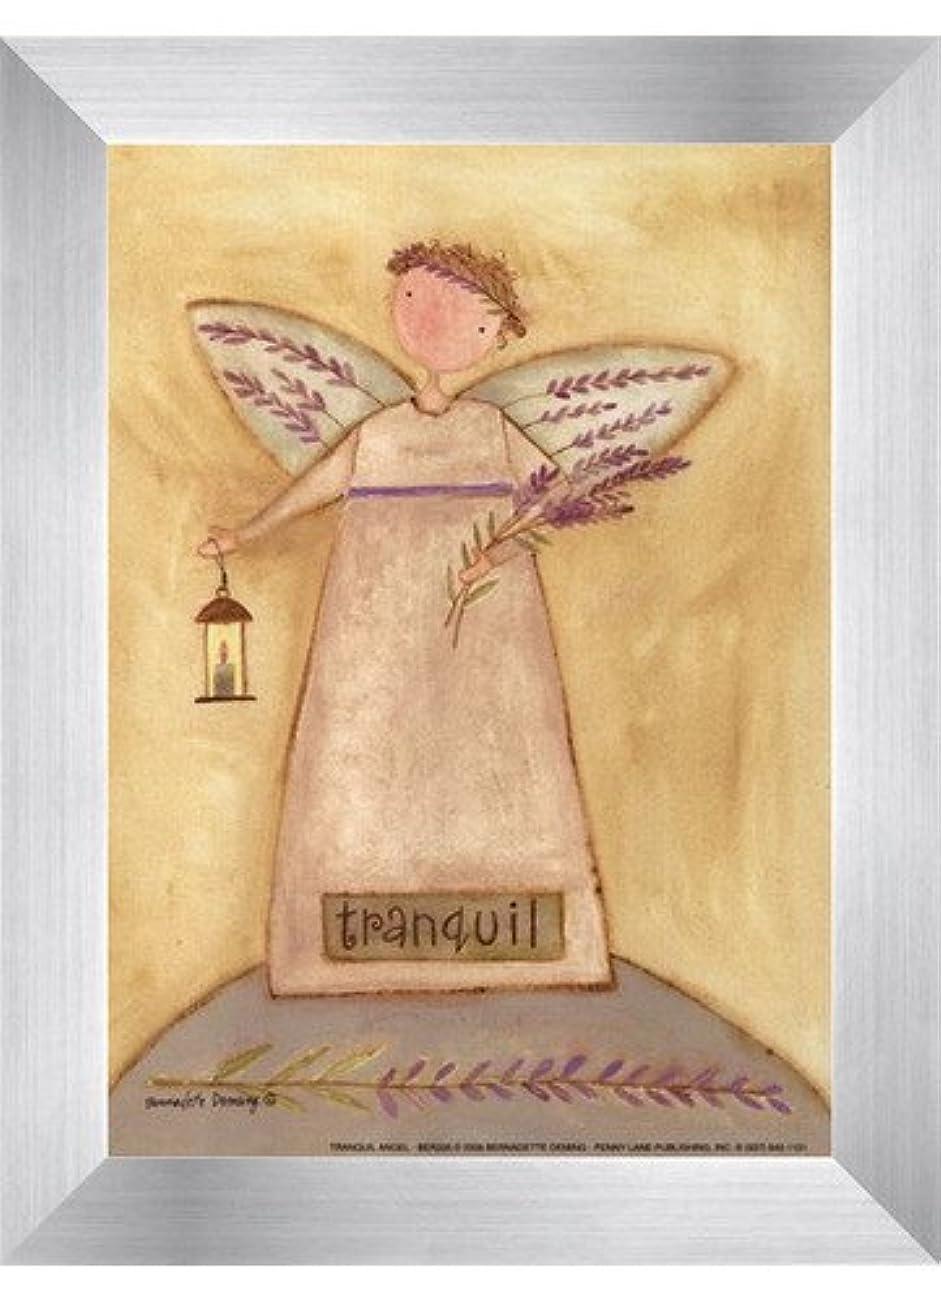 安価なかみそり処方Tranquil Angel by Bernadette Deming?–?5?x 7インチ?–?アートプリントポスター LE_613849-F9935-5x7